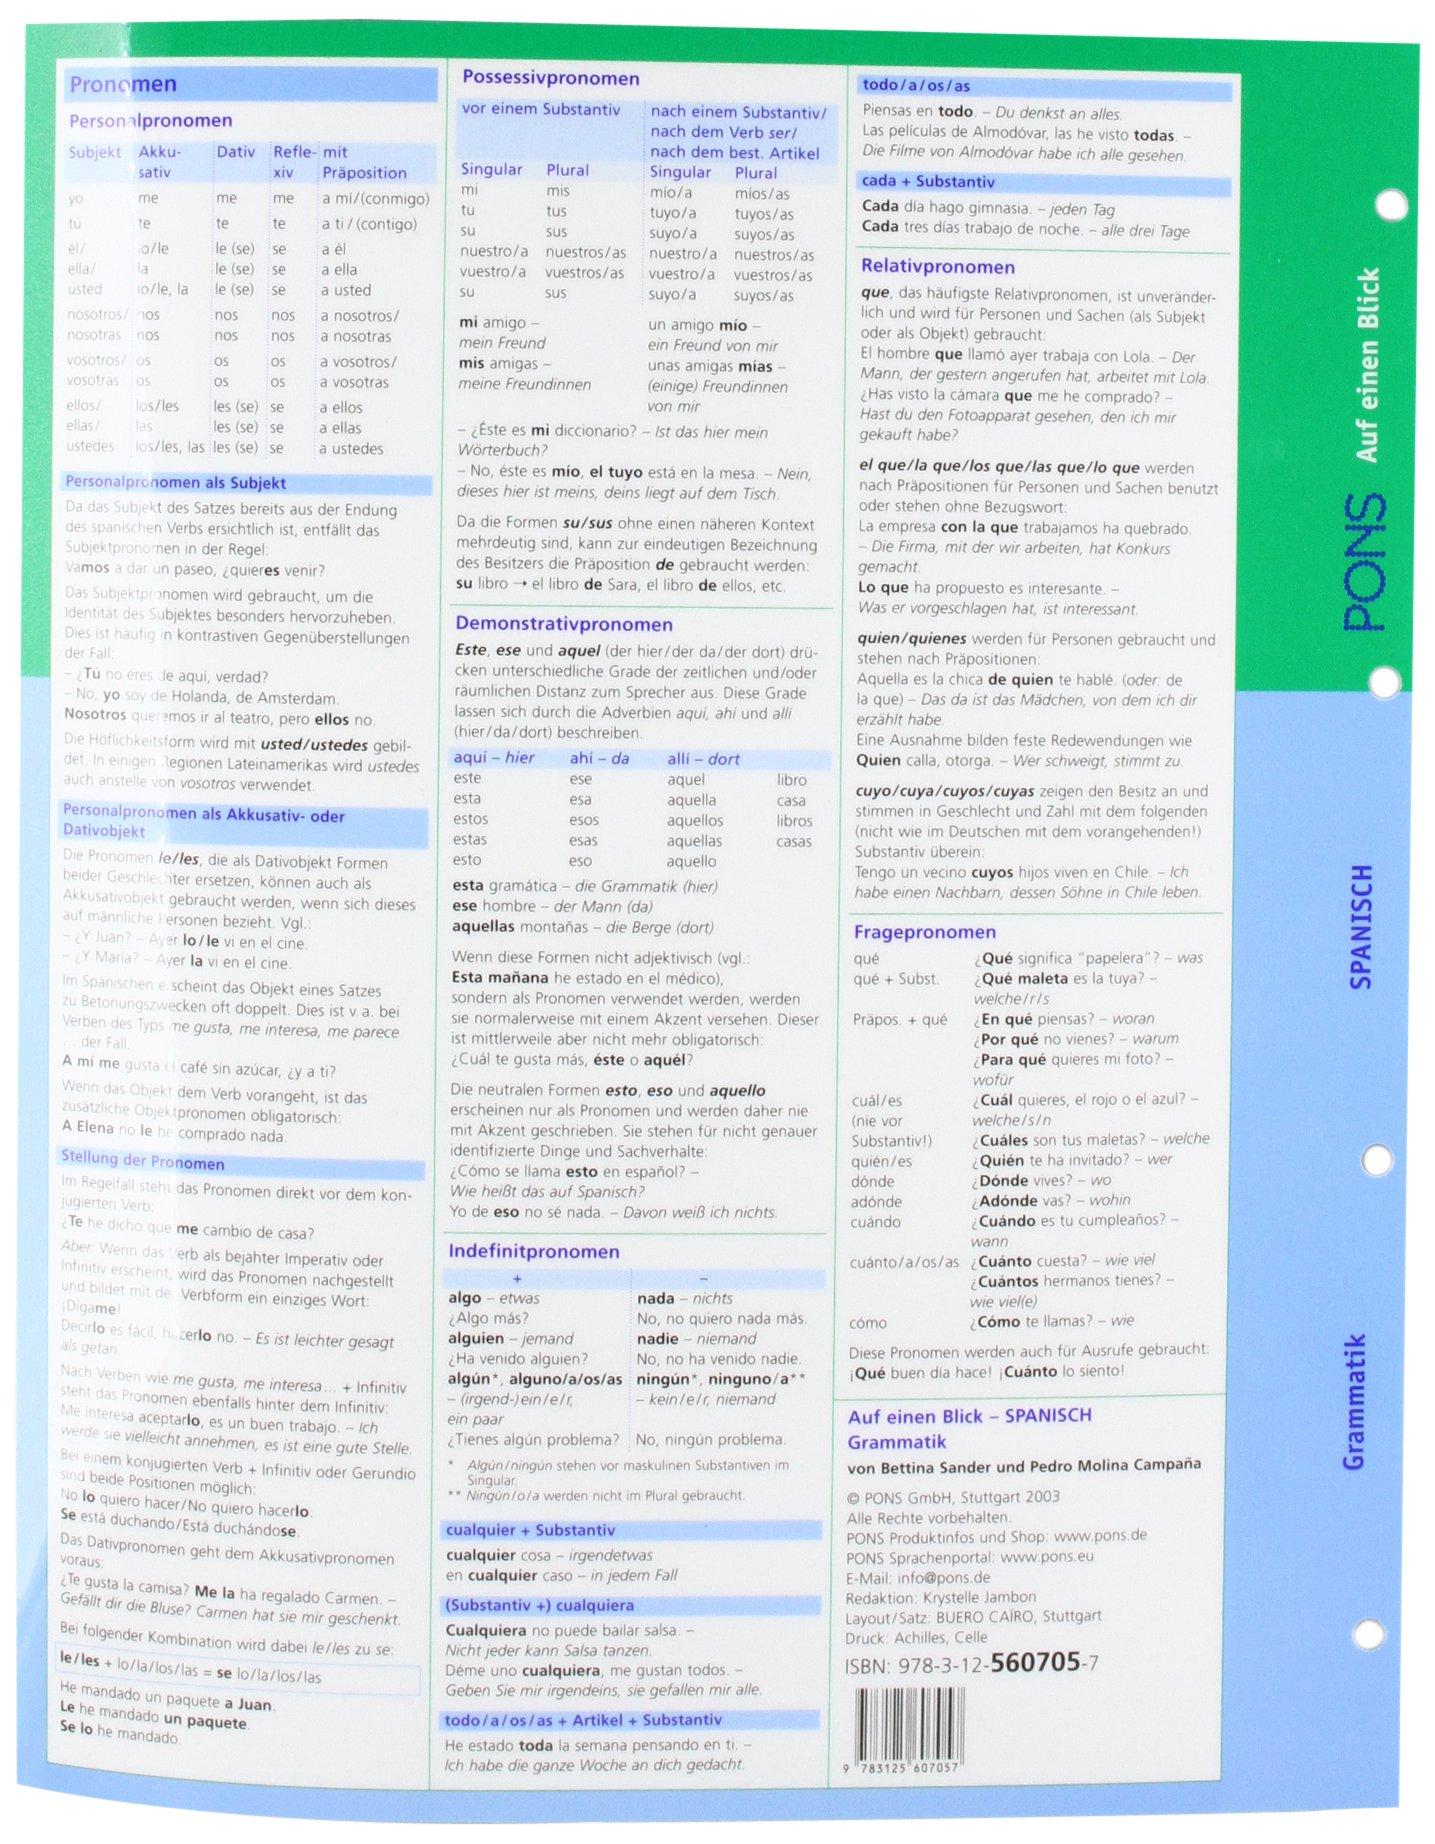 PONS Grammatik auf einen Blick. Spanisch: 9783125607057: Amazon.com: Books